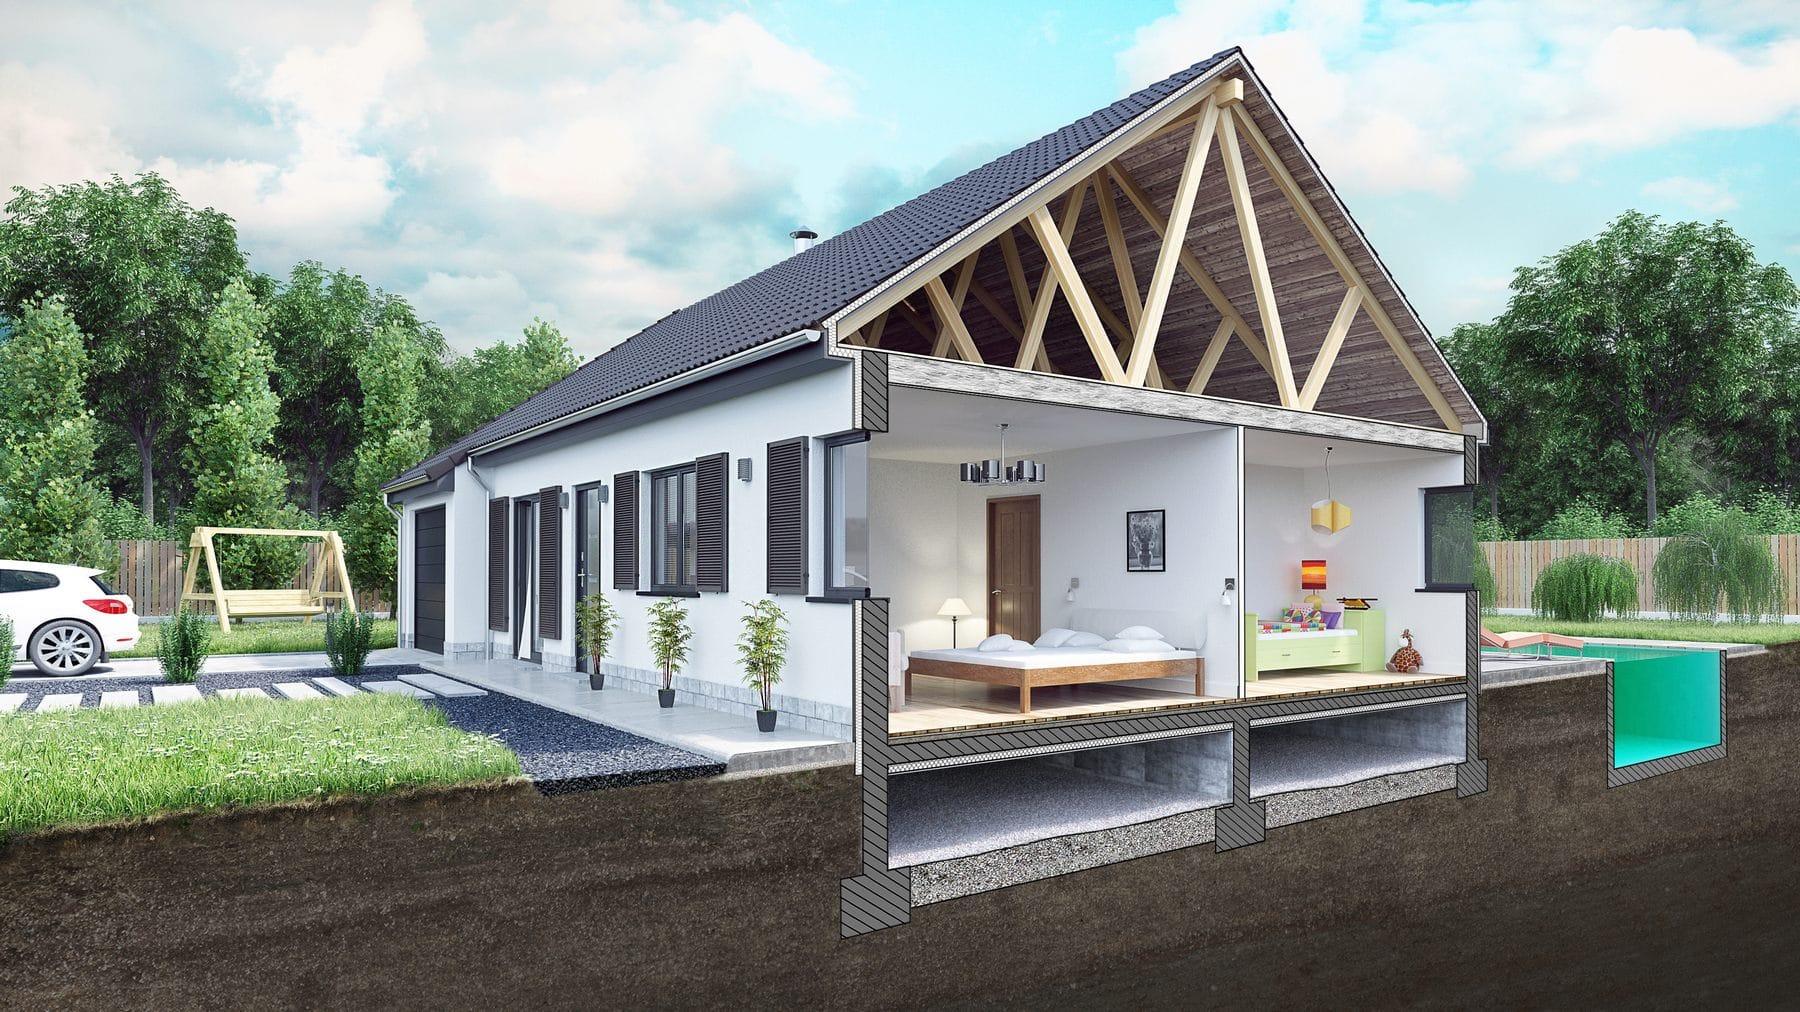 Super Plans.fr : Plan et Modèle de maison WV-37